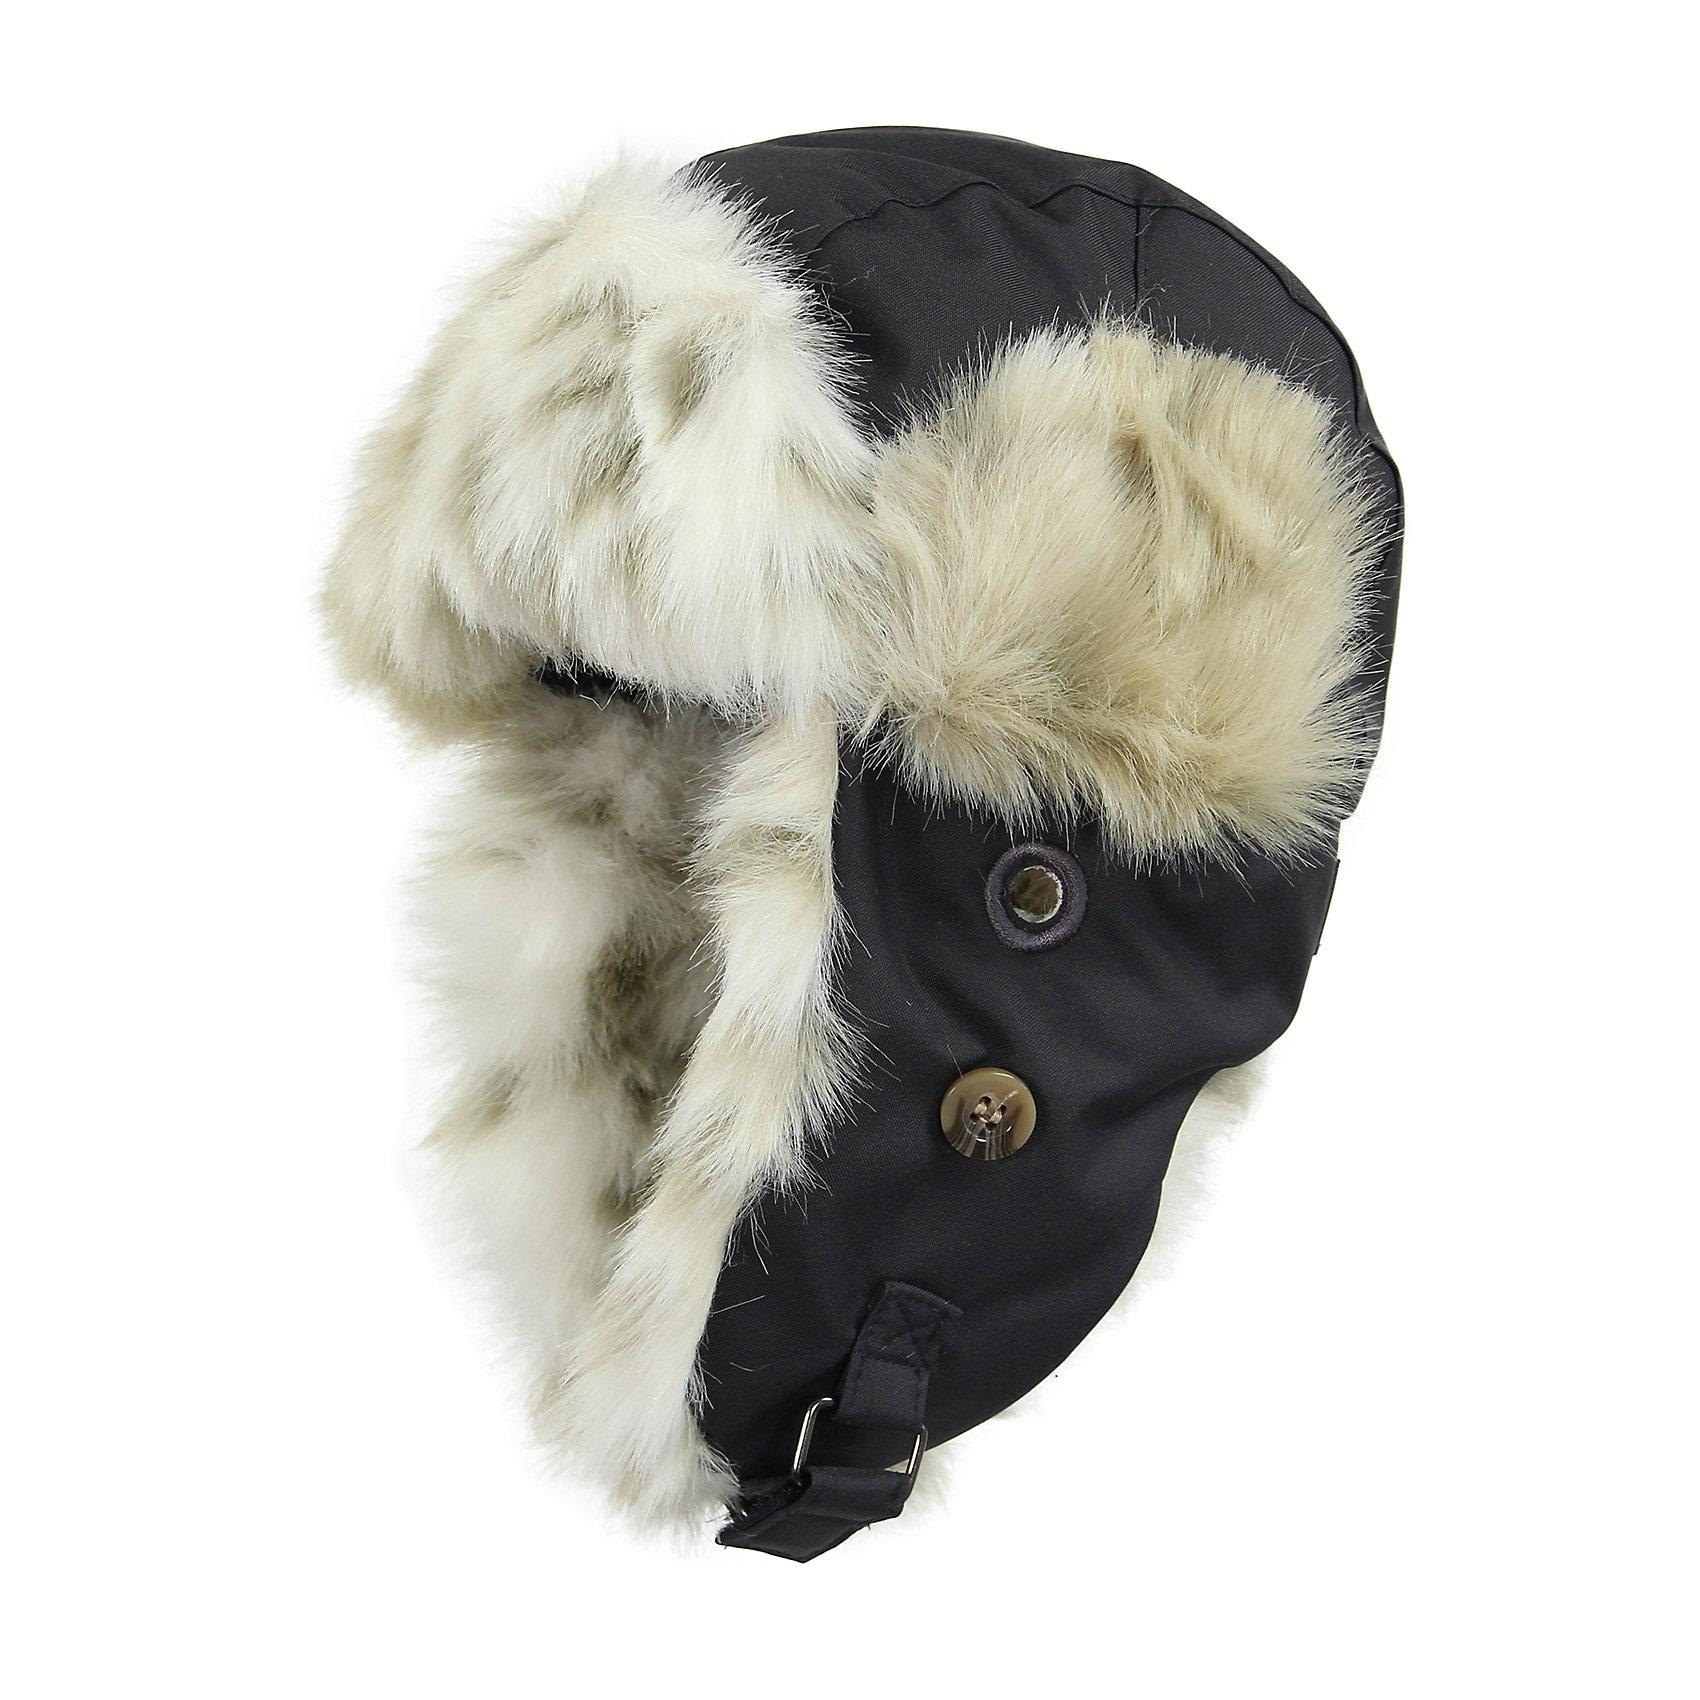 Шапка для мальчика HuppaДетская зимняя шапка ярких цветов с легким ватином. У шапки подкладка из искусственного меха (80% акрила, 20% полиэстера) и дышащая - водоотталкивающая ткань из полиэстера. Для удобства ношения у шапки регулируемая верхняя часть и закрепляющиеся липучкой под подбородком клапаны. Как большие, так и маленькие клапаны можно закрепить на макушке, благодаря чему у одной шапки имеется несколько возможностей ношения. <br><br>Шапку для мальчика Huppa (Хуппа) можно купить в нашем магазине.<br><br>Ширина мм: 89<br>Глубина мм: 117<br>Высота мм: 44<br>Вес г: 155<br>Цвет: серый<br>Возраст от месяцев: 12<br>Возраст до месяцев: 24<br>Пол: Мужской<br>Возраст: Детский<br>Размер: 47-49,55-57,51-53<br>SKU: 4243098